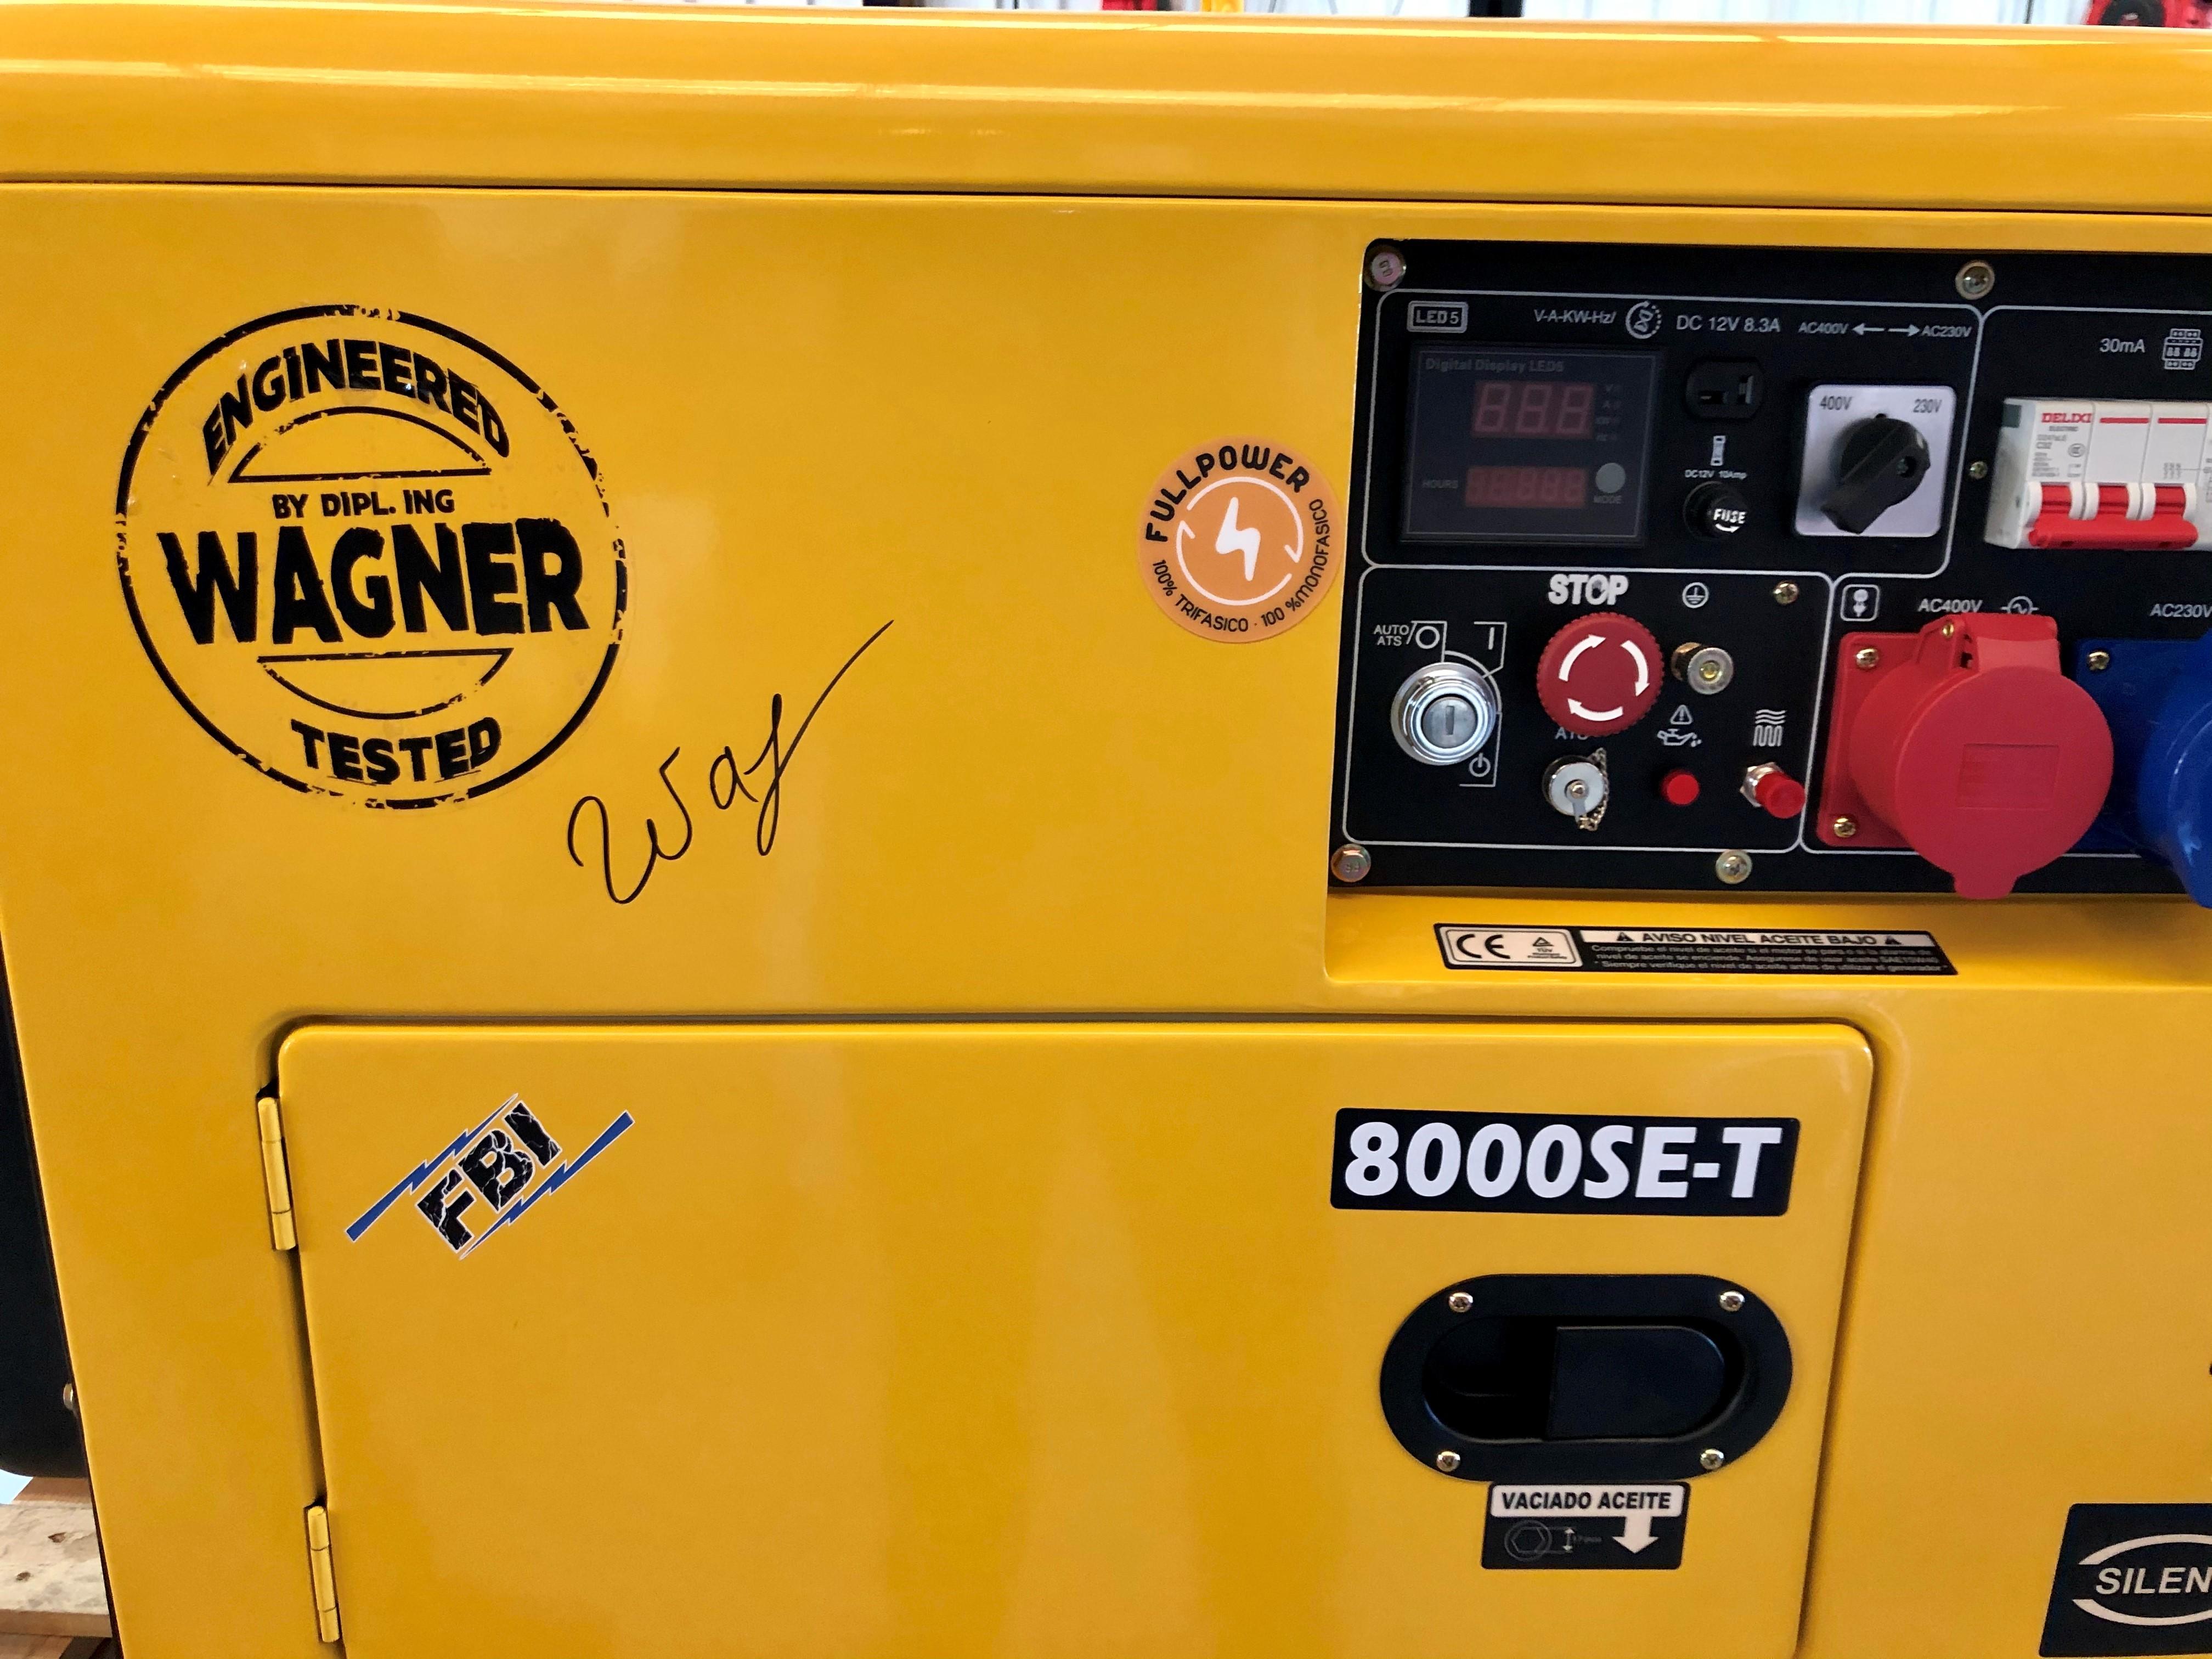 WAGNER Full Power 8 kVA Diesel KW8000SE-T Stromaggregat 230&400V